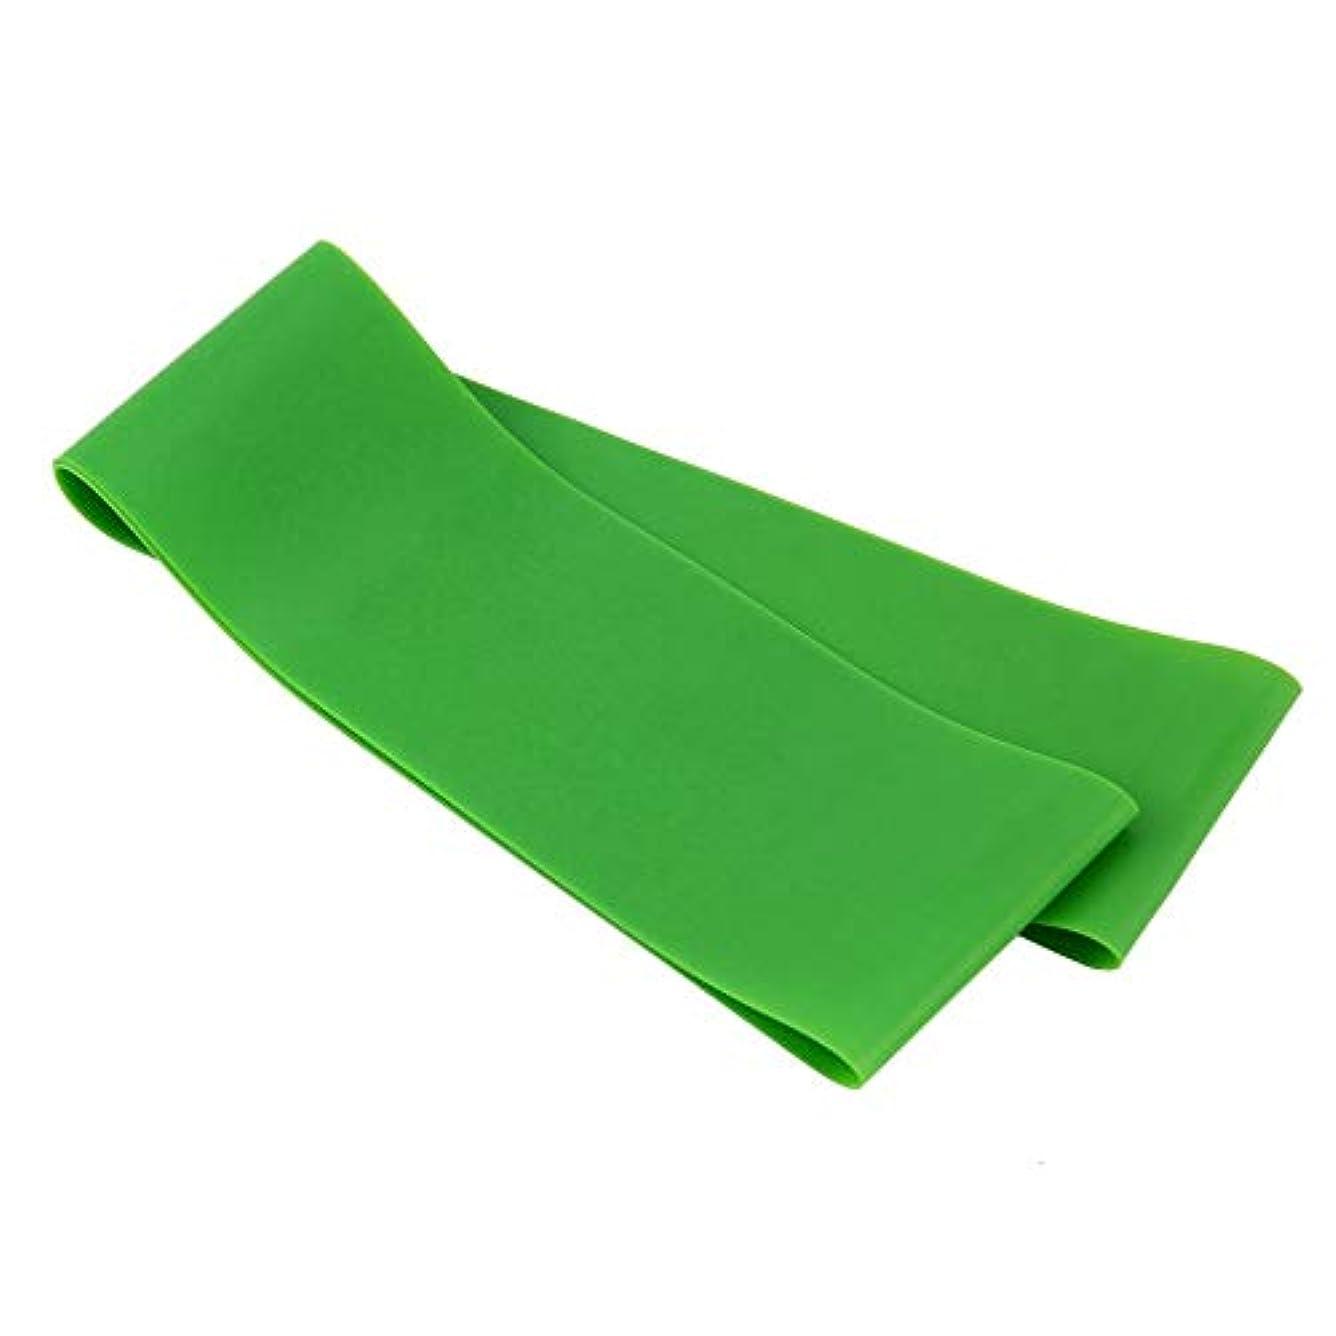 愛情深いマイクインシデント滑り止め伸縮性ゴム弾性ヨガベルトバンドプルロープ張力抵抗バンドループ強度のためのフィットネスヨガツール - グリーン